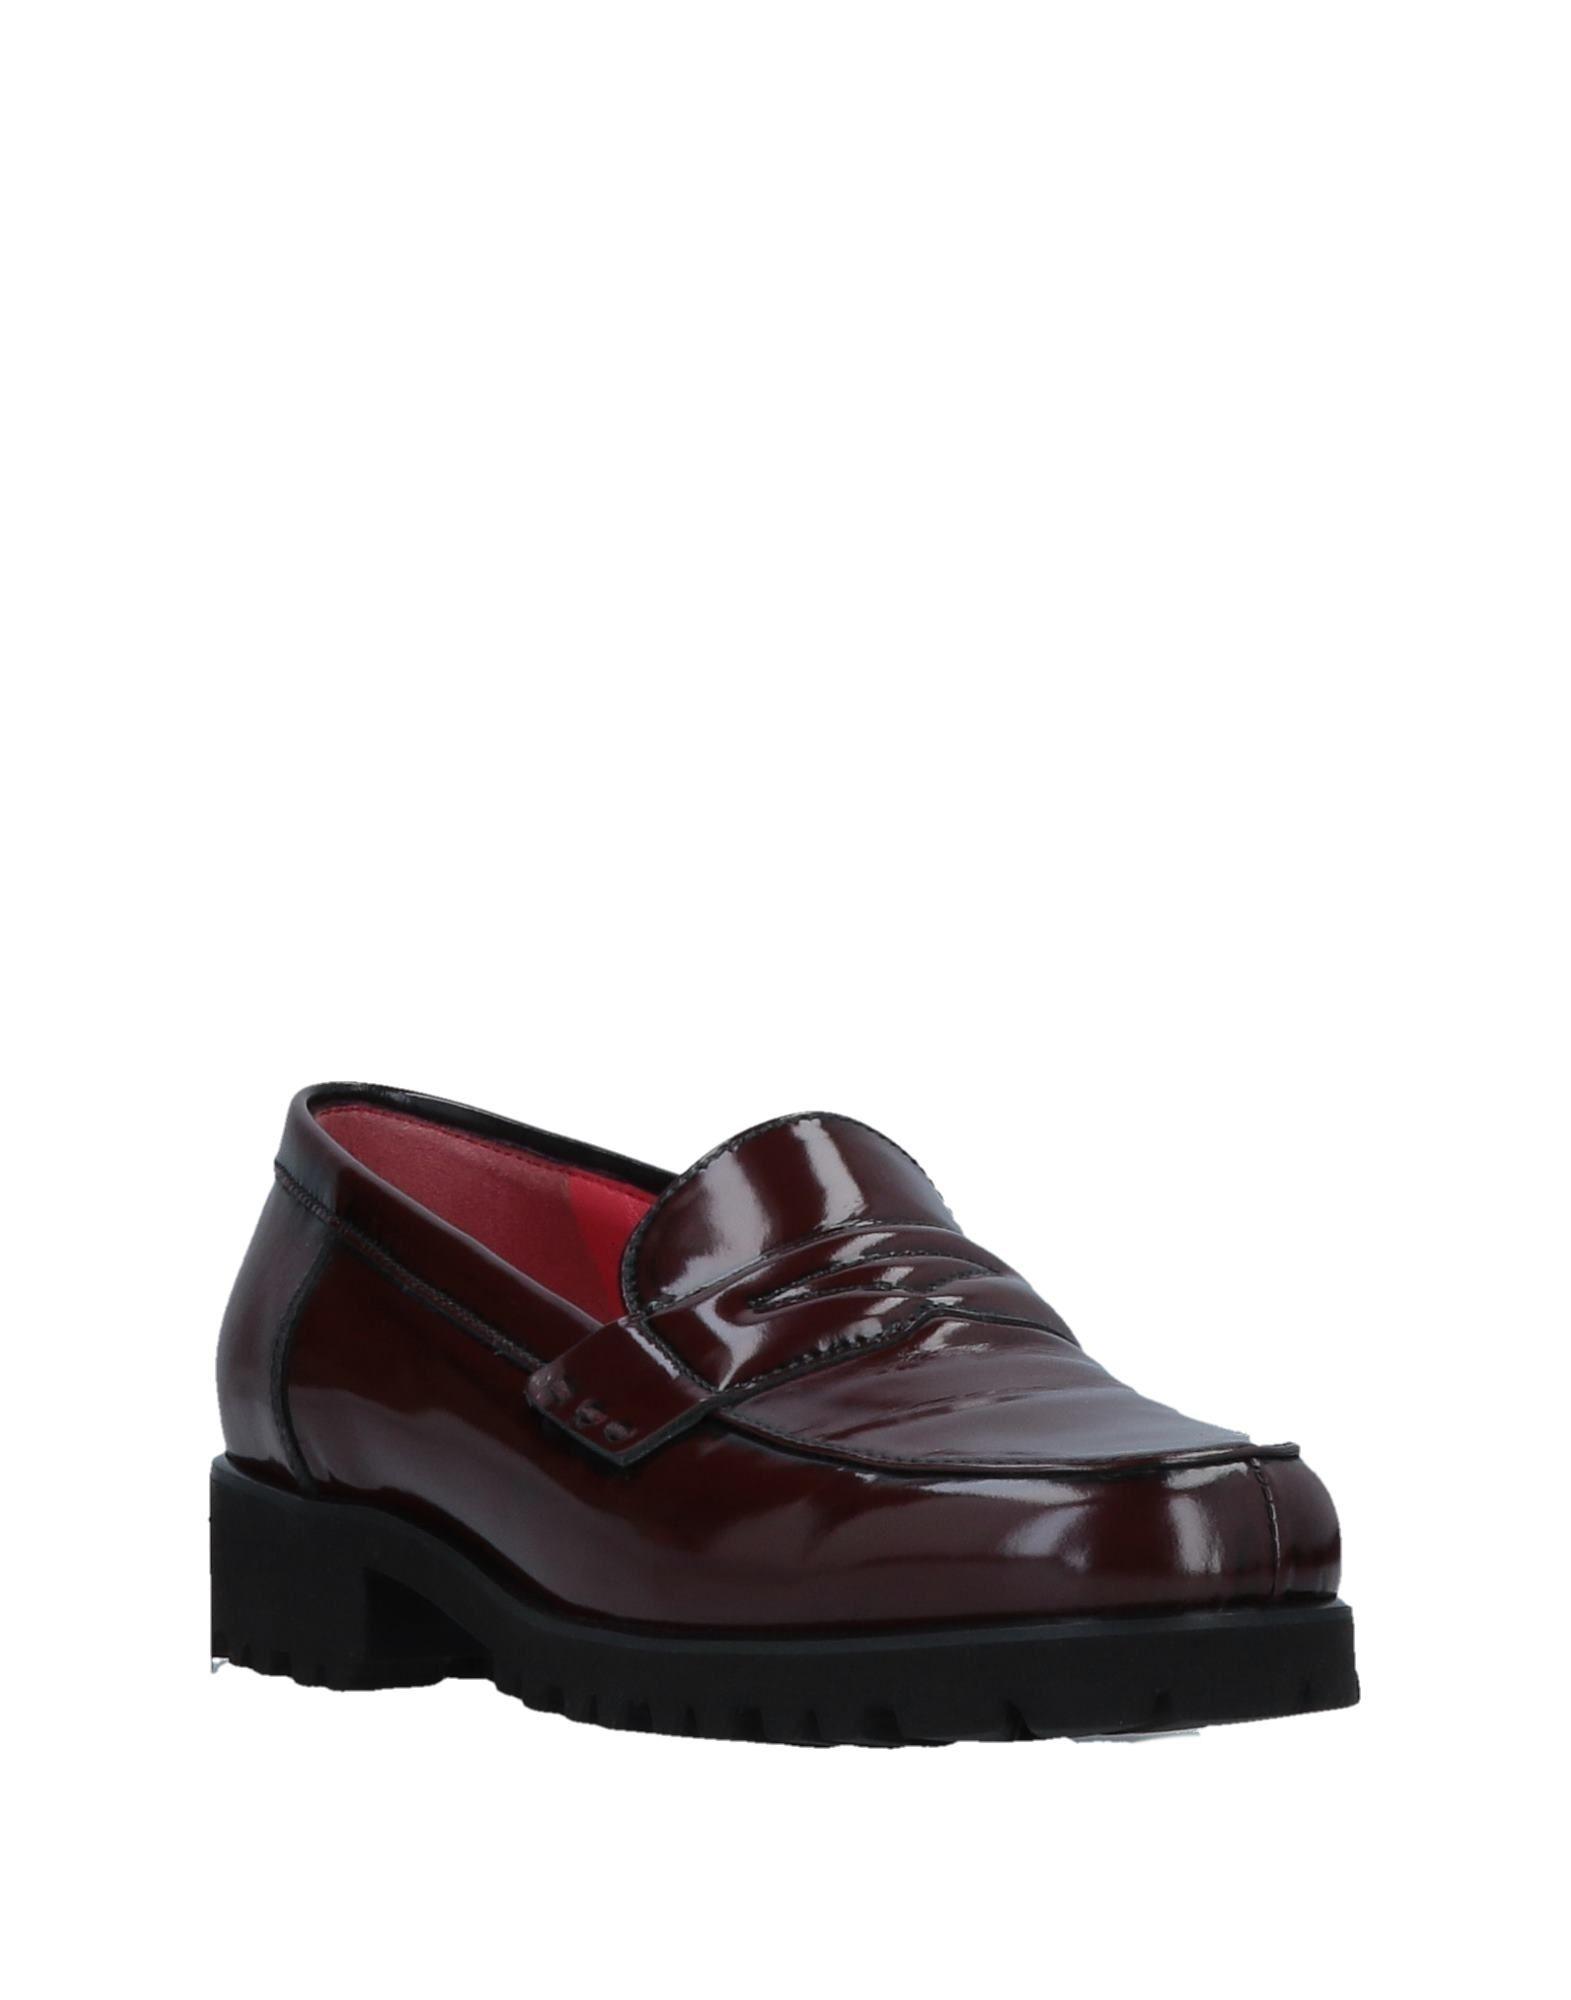 Stilvolle billige Schuhe Damen Pas De Rouge Mokassins Damen Schuhe  11510746LG a8022e